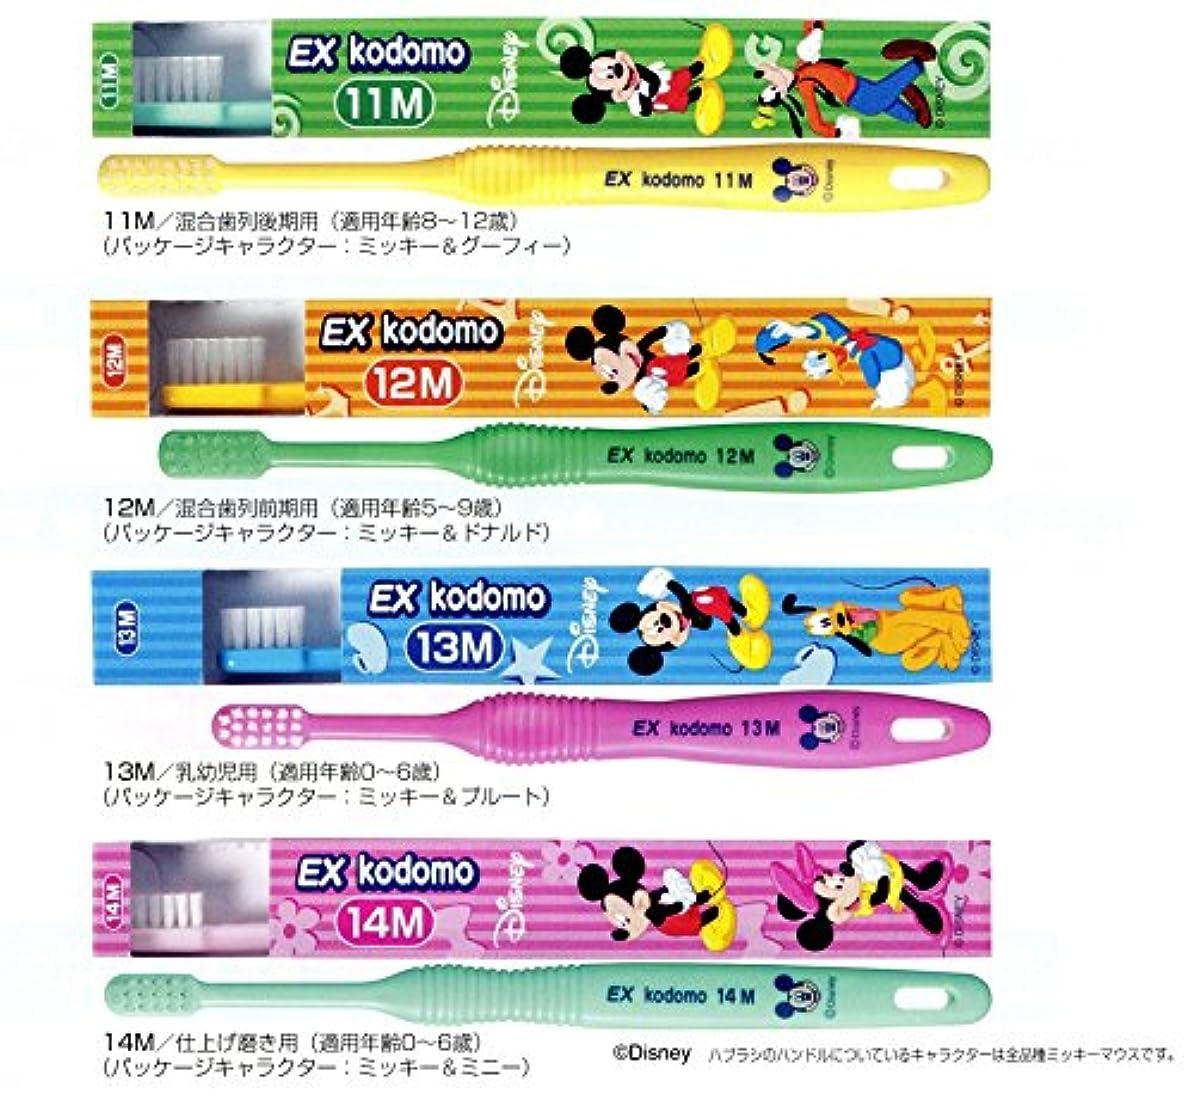 なめらかな呼吸する制限ライオン コドモ ディズニー DENT.EX kodomo Disney 1本 14M グリーン (仕上げ磨き用?0?6歳)